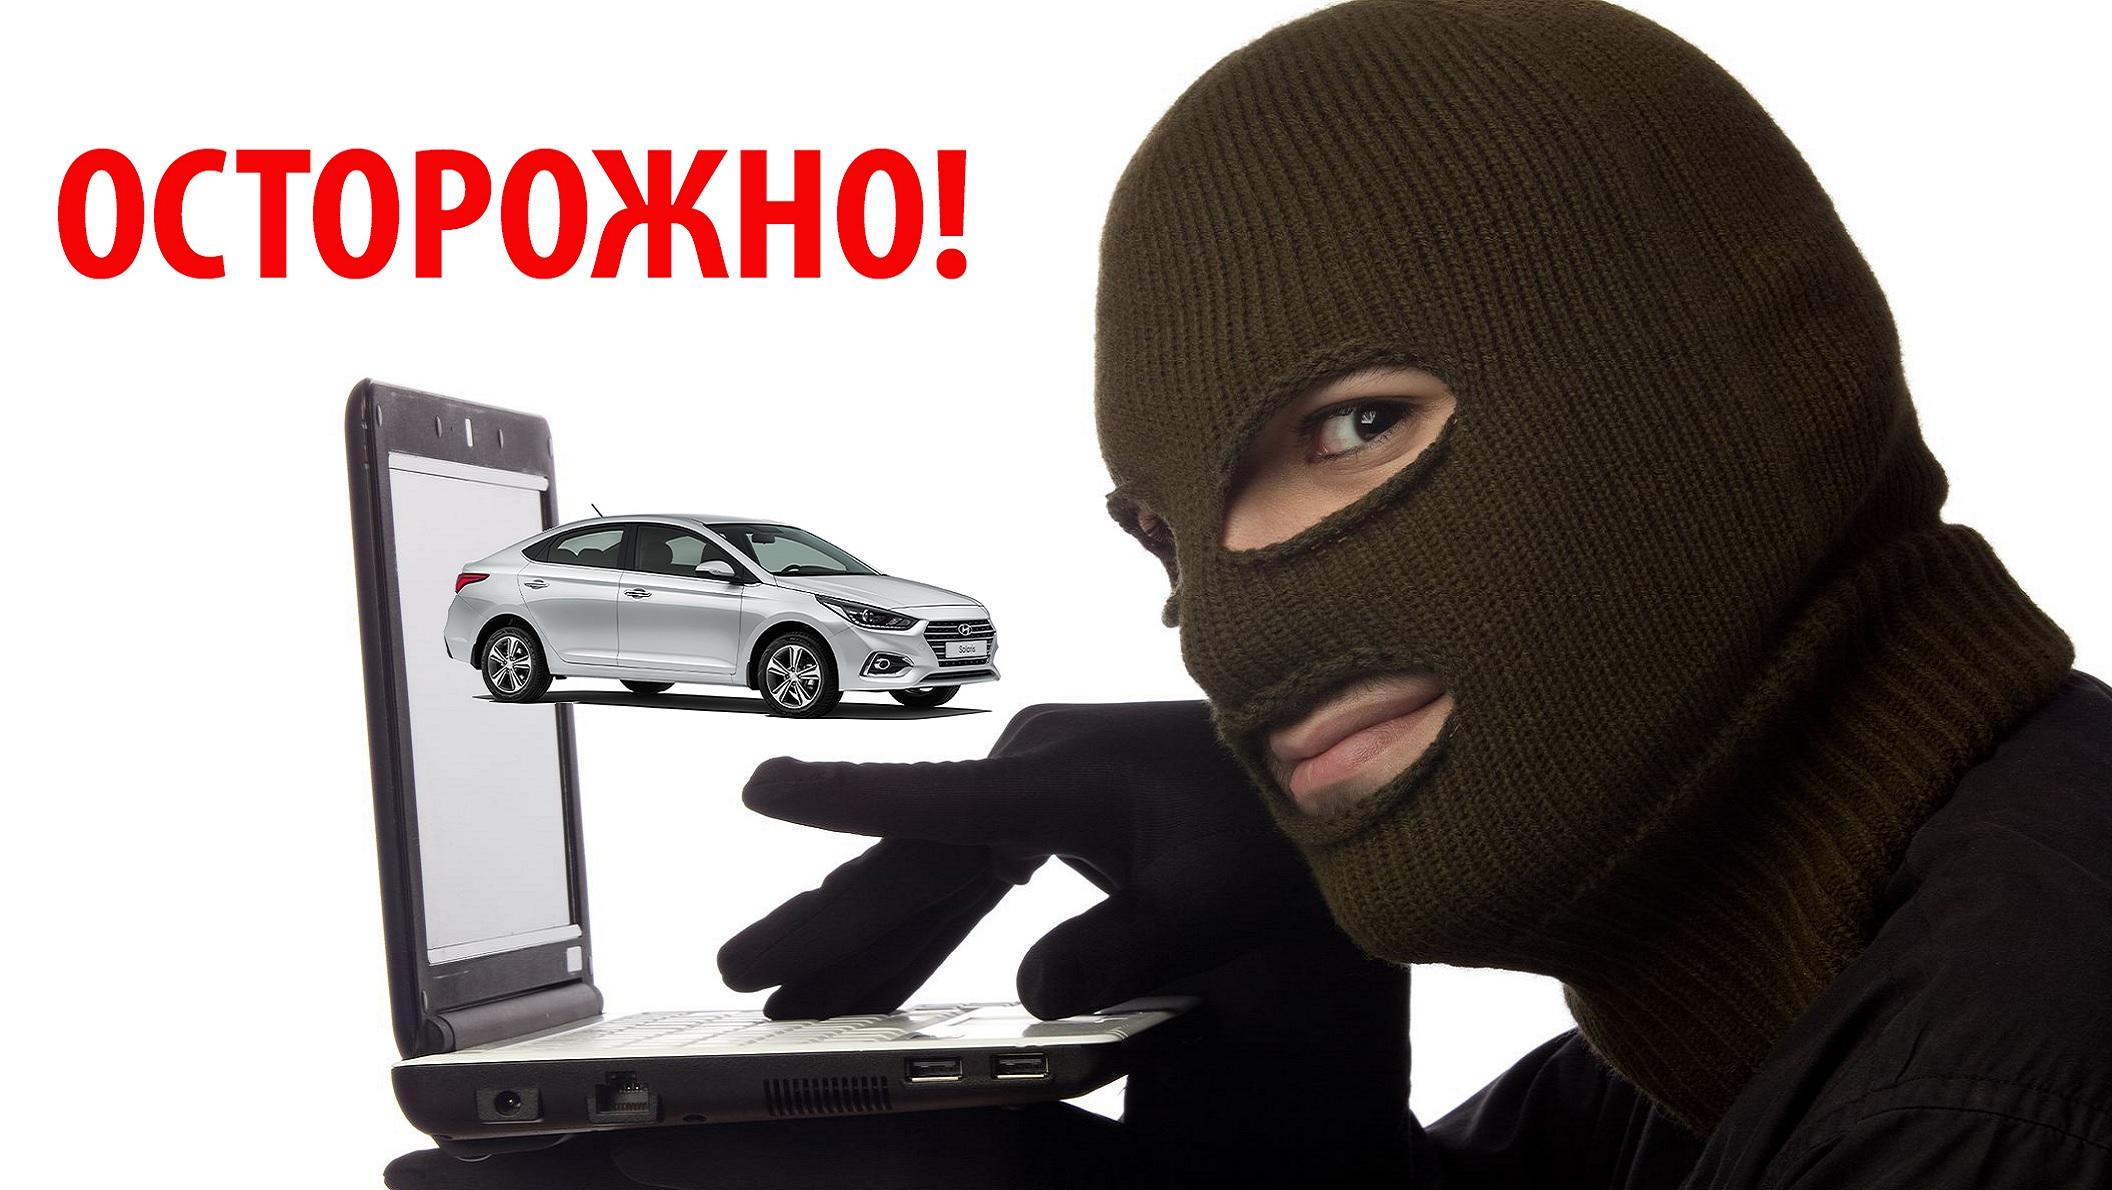 Мошенничество продан автомобиль в залоге оставить залог за авто при покупке